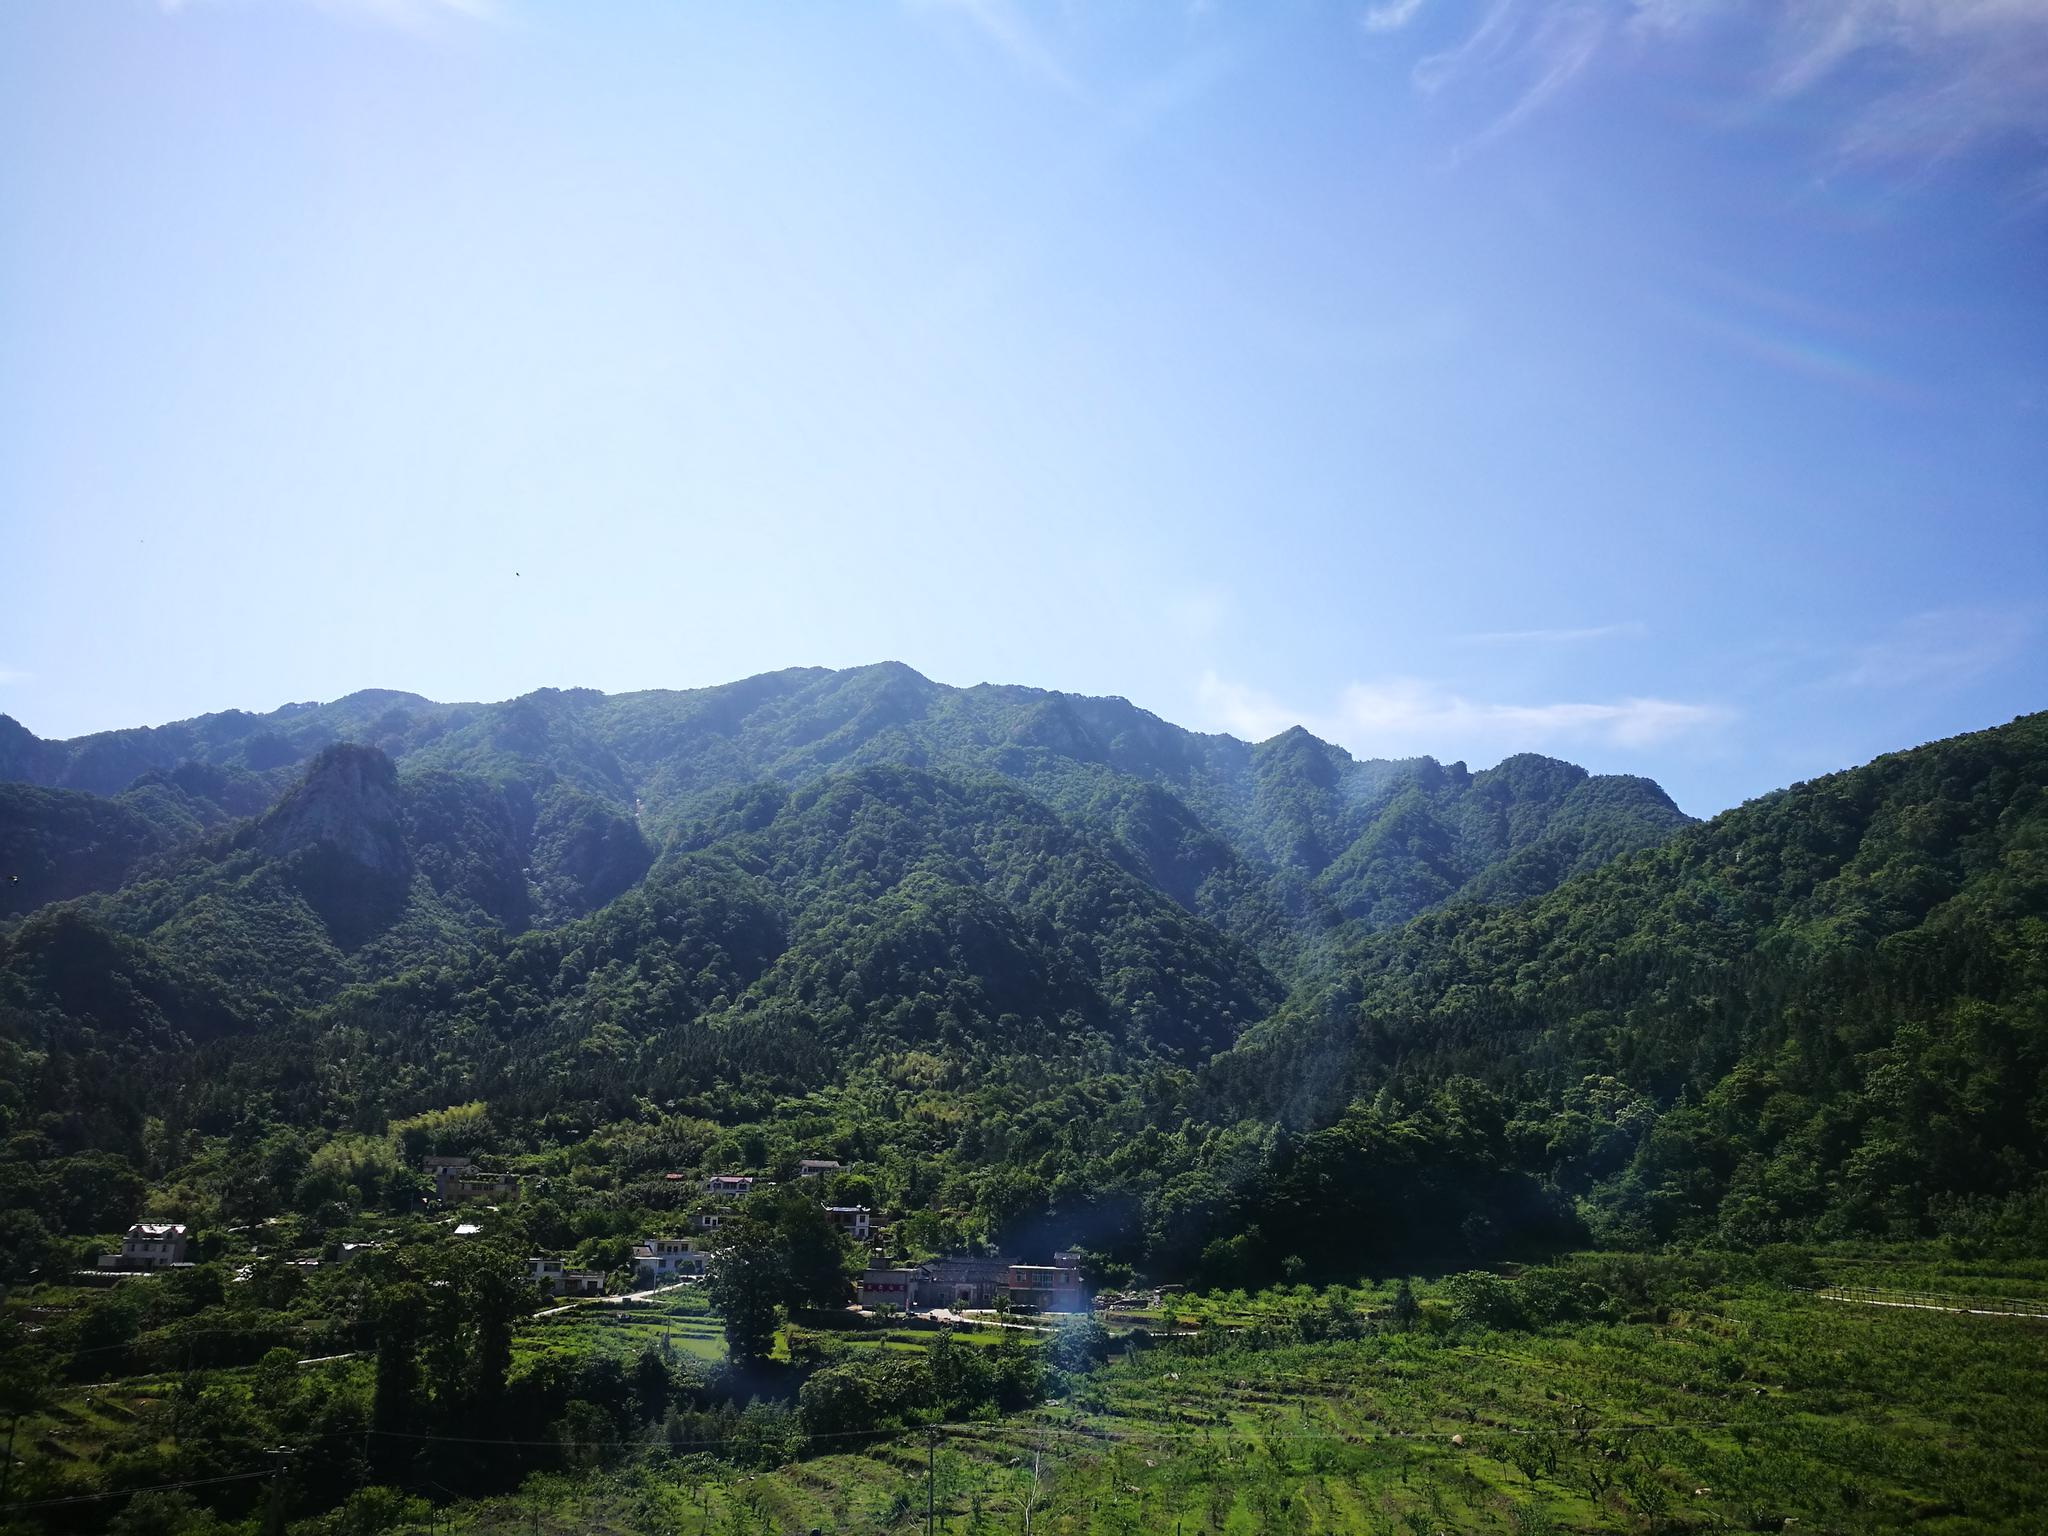 在具体实践中, 位于岳西县巍岭乡金榜乡村,由大学生储磊,储杰兄弟